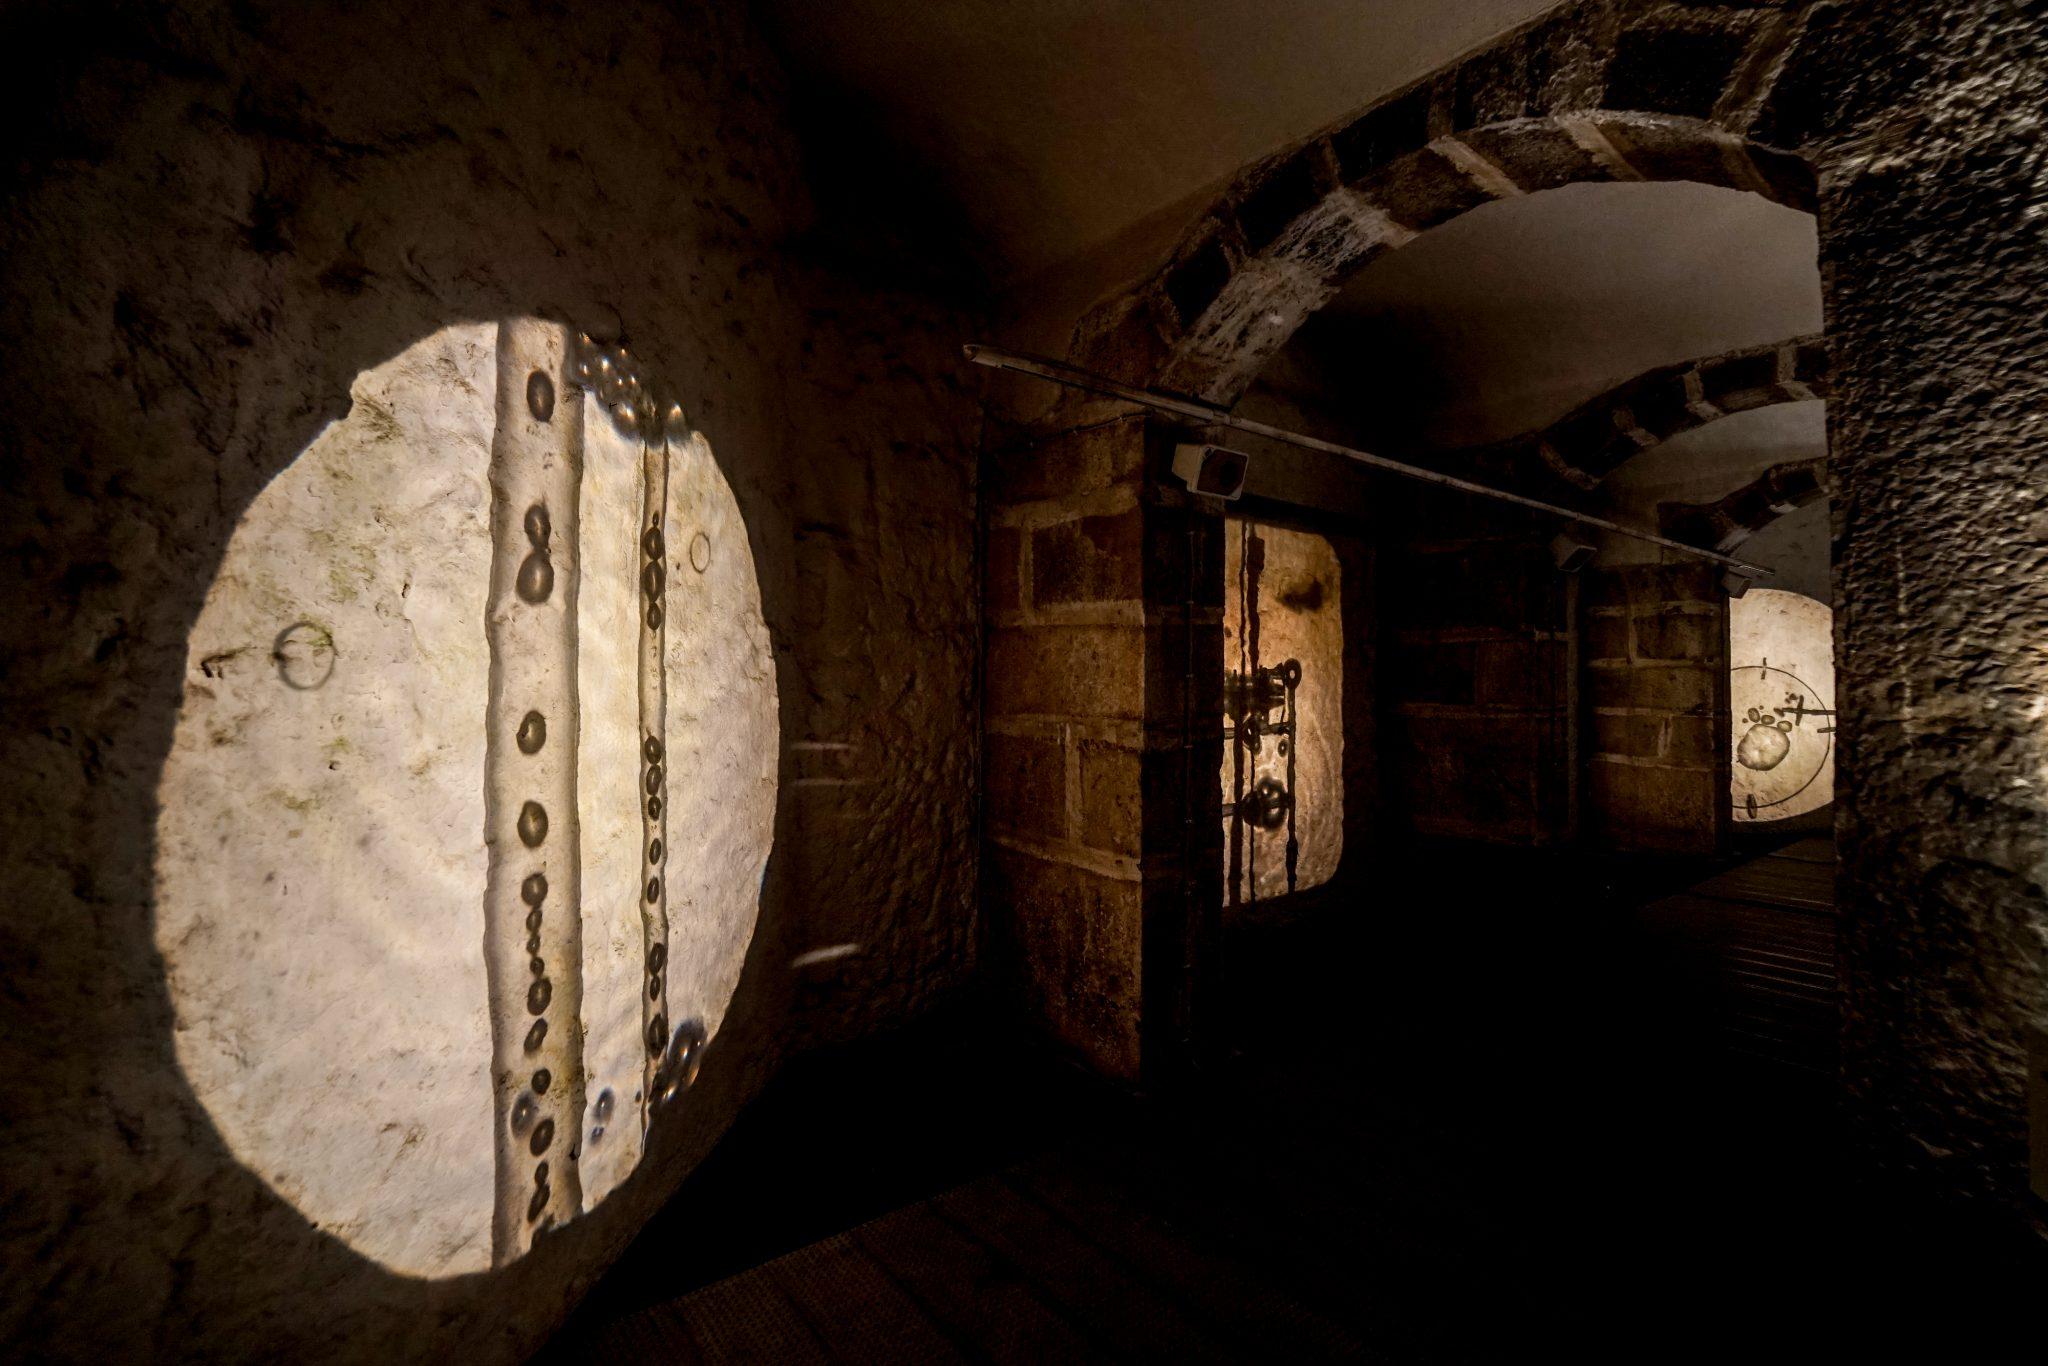 Várias projecções em paredes de pedra de efeitos criados pela água dentro de tubos